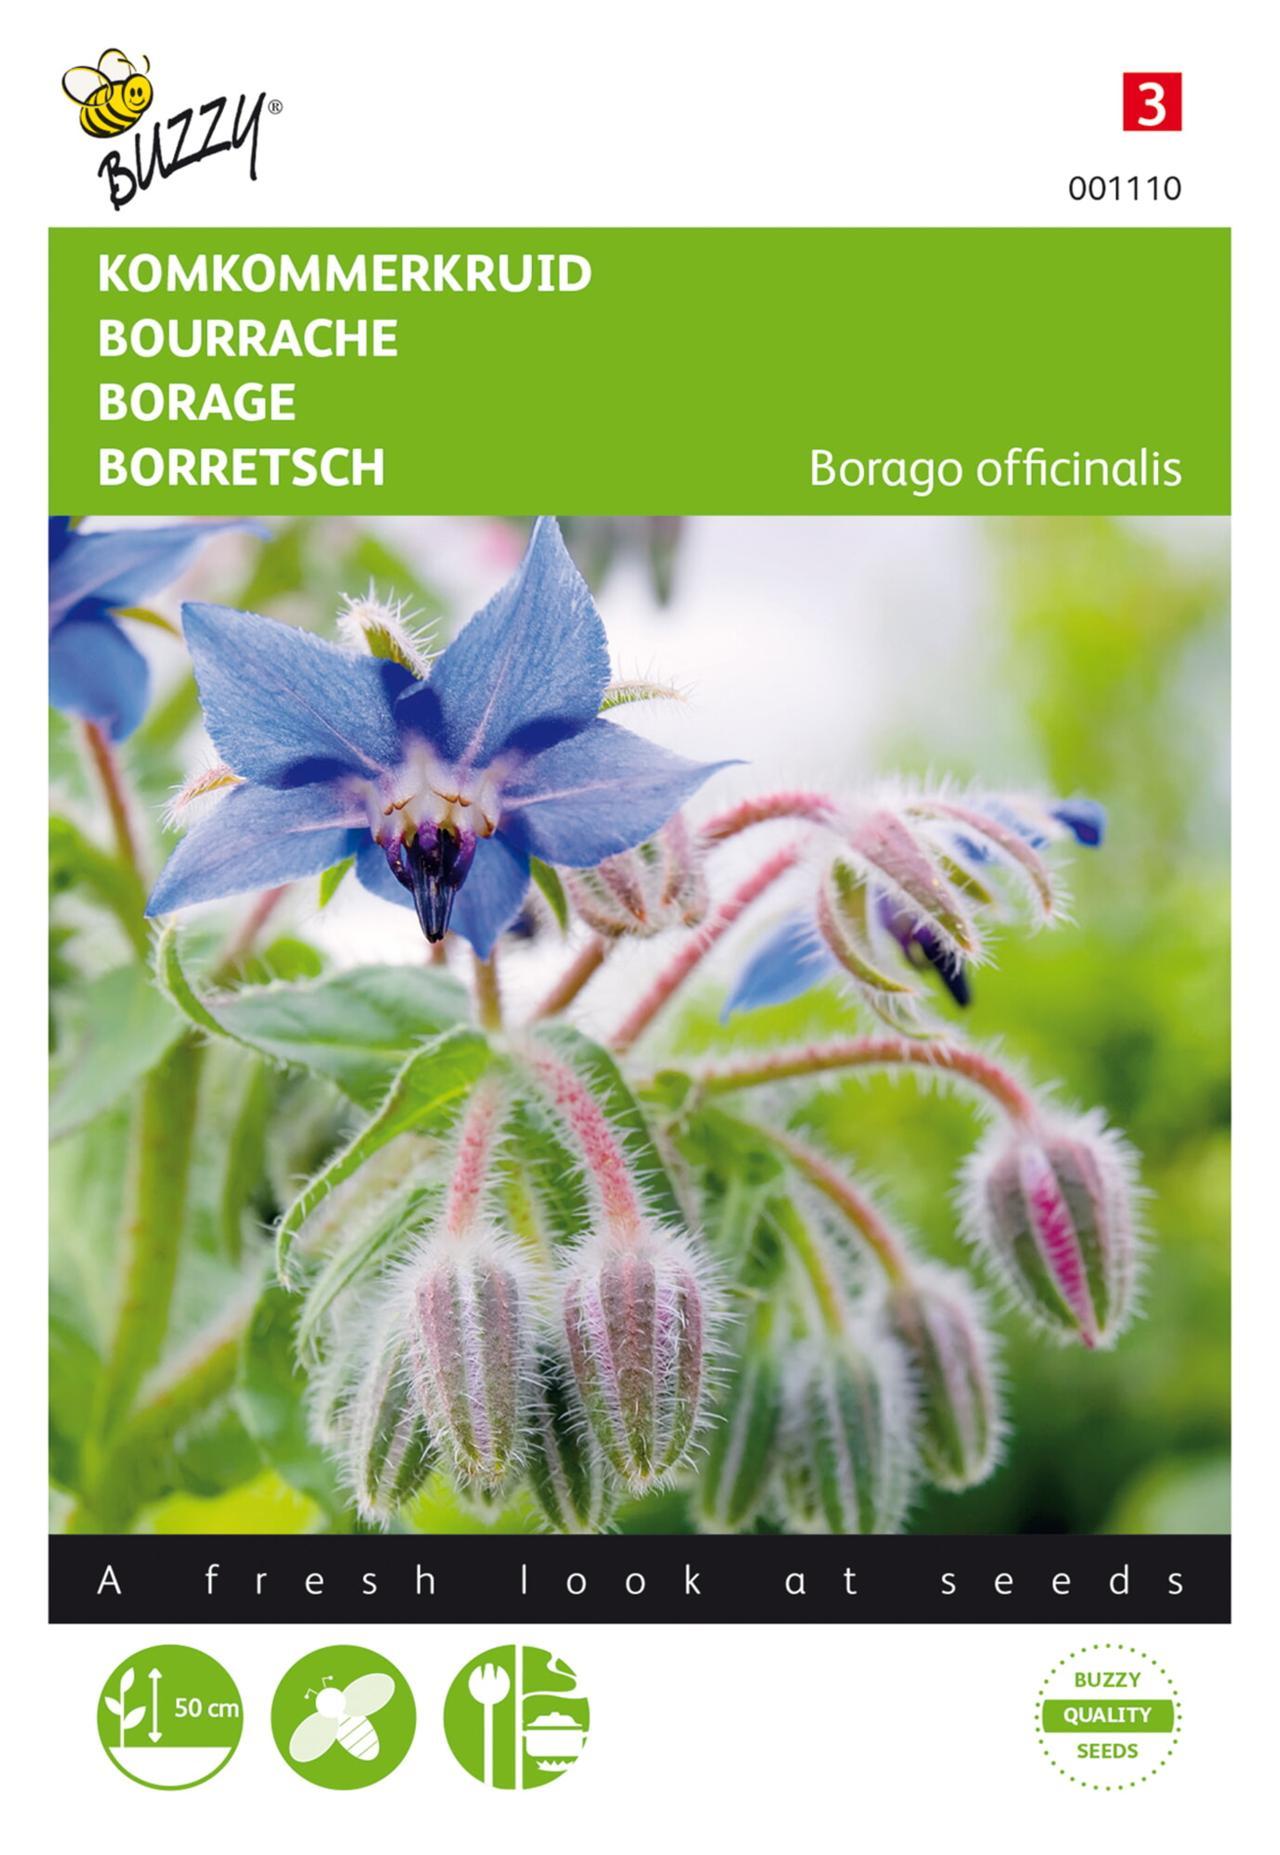 Borago officinalis plant